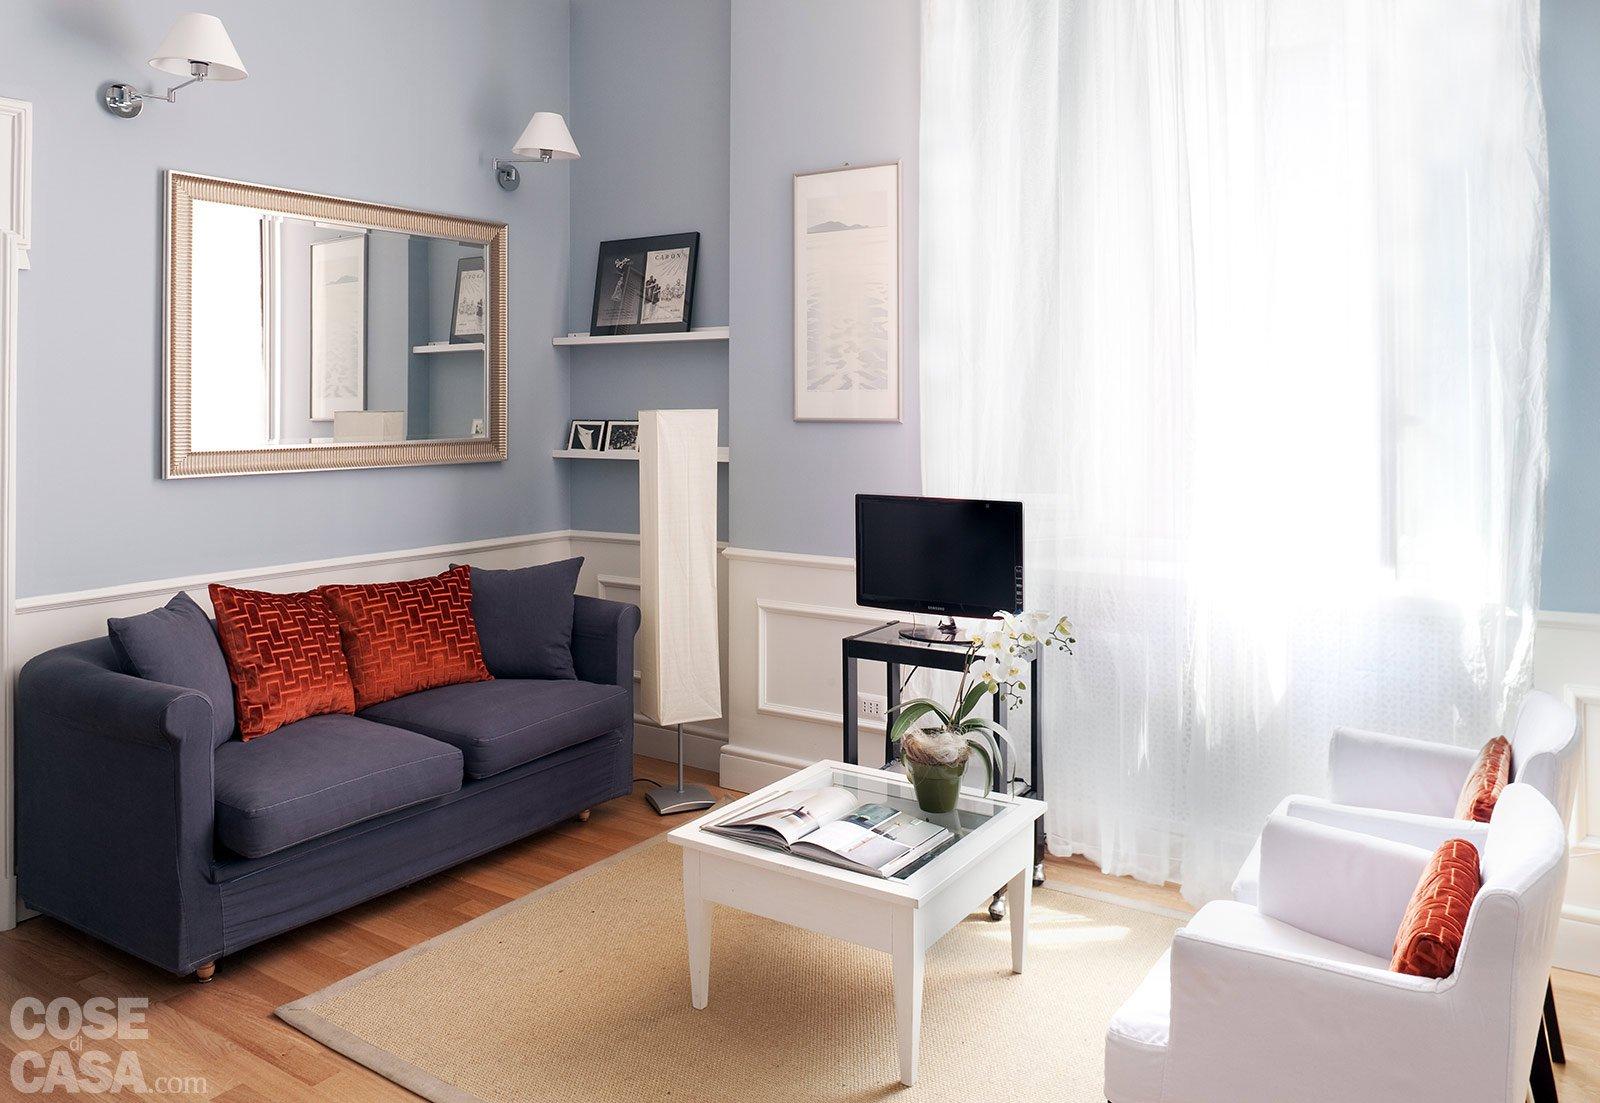 La casa per due un bilocale di classe cose di casa for Carta di soggiorno a tempo indeterminato